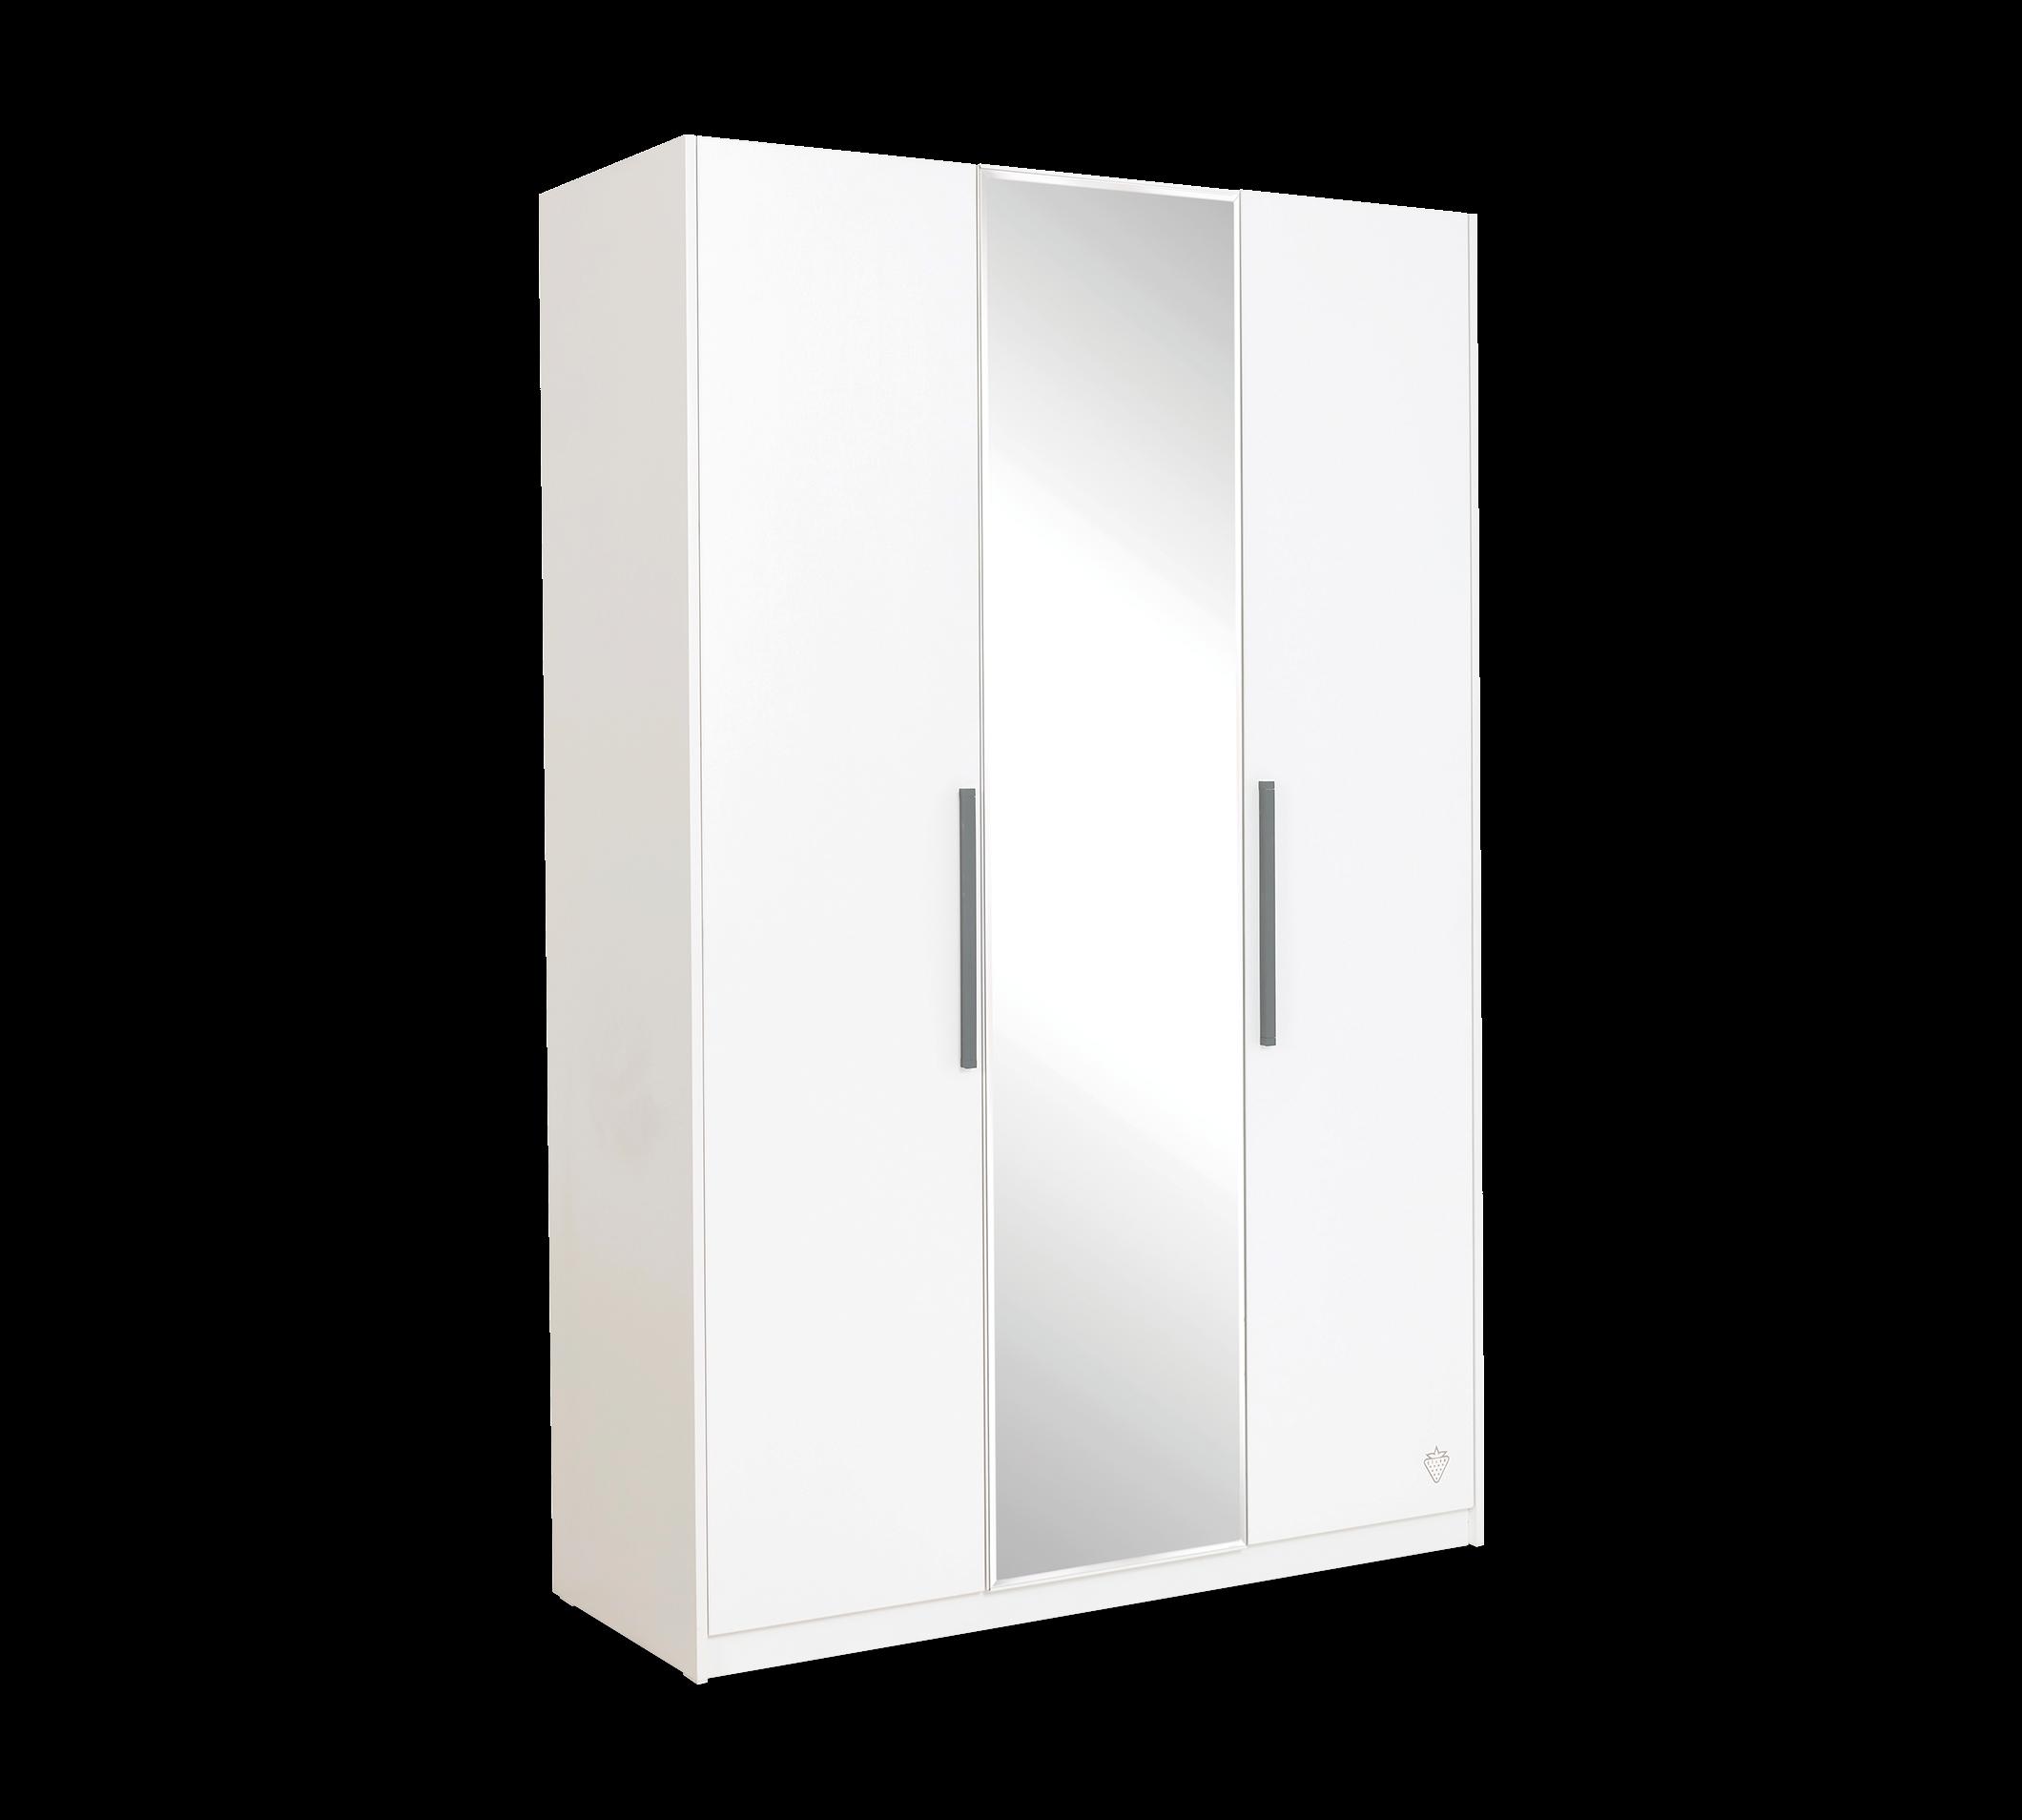 Dulap din pal cu 3 usi si oglinda, pentru tineret White, l135xA54xH209 cm imagine